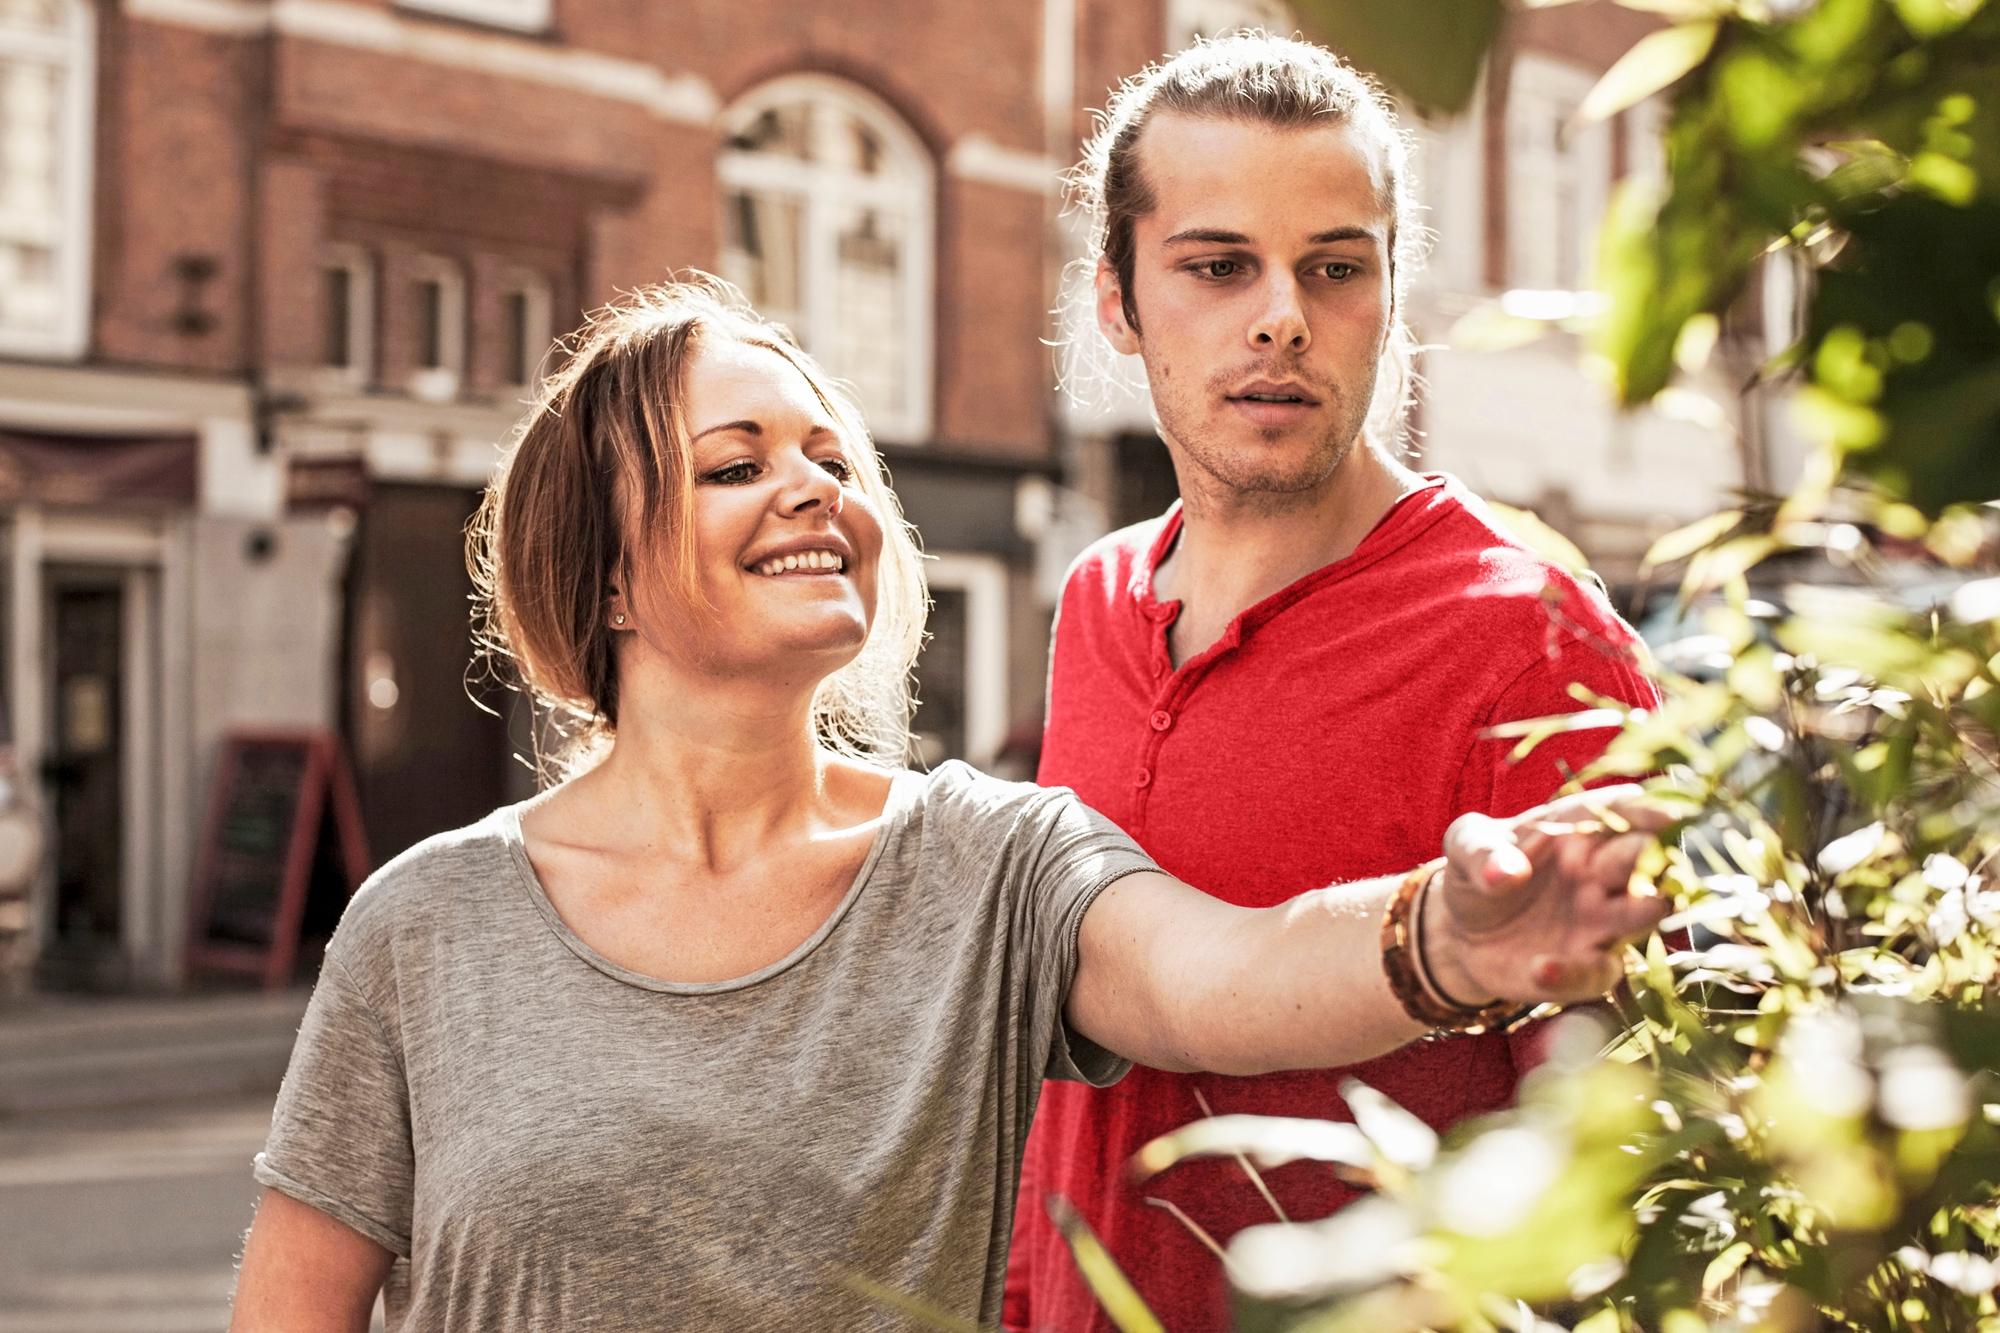 Mogen kontakt grats porr dating sites in sweden realescort